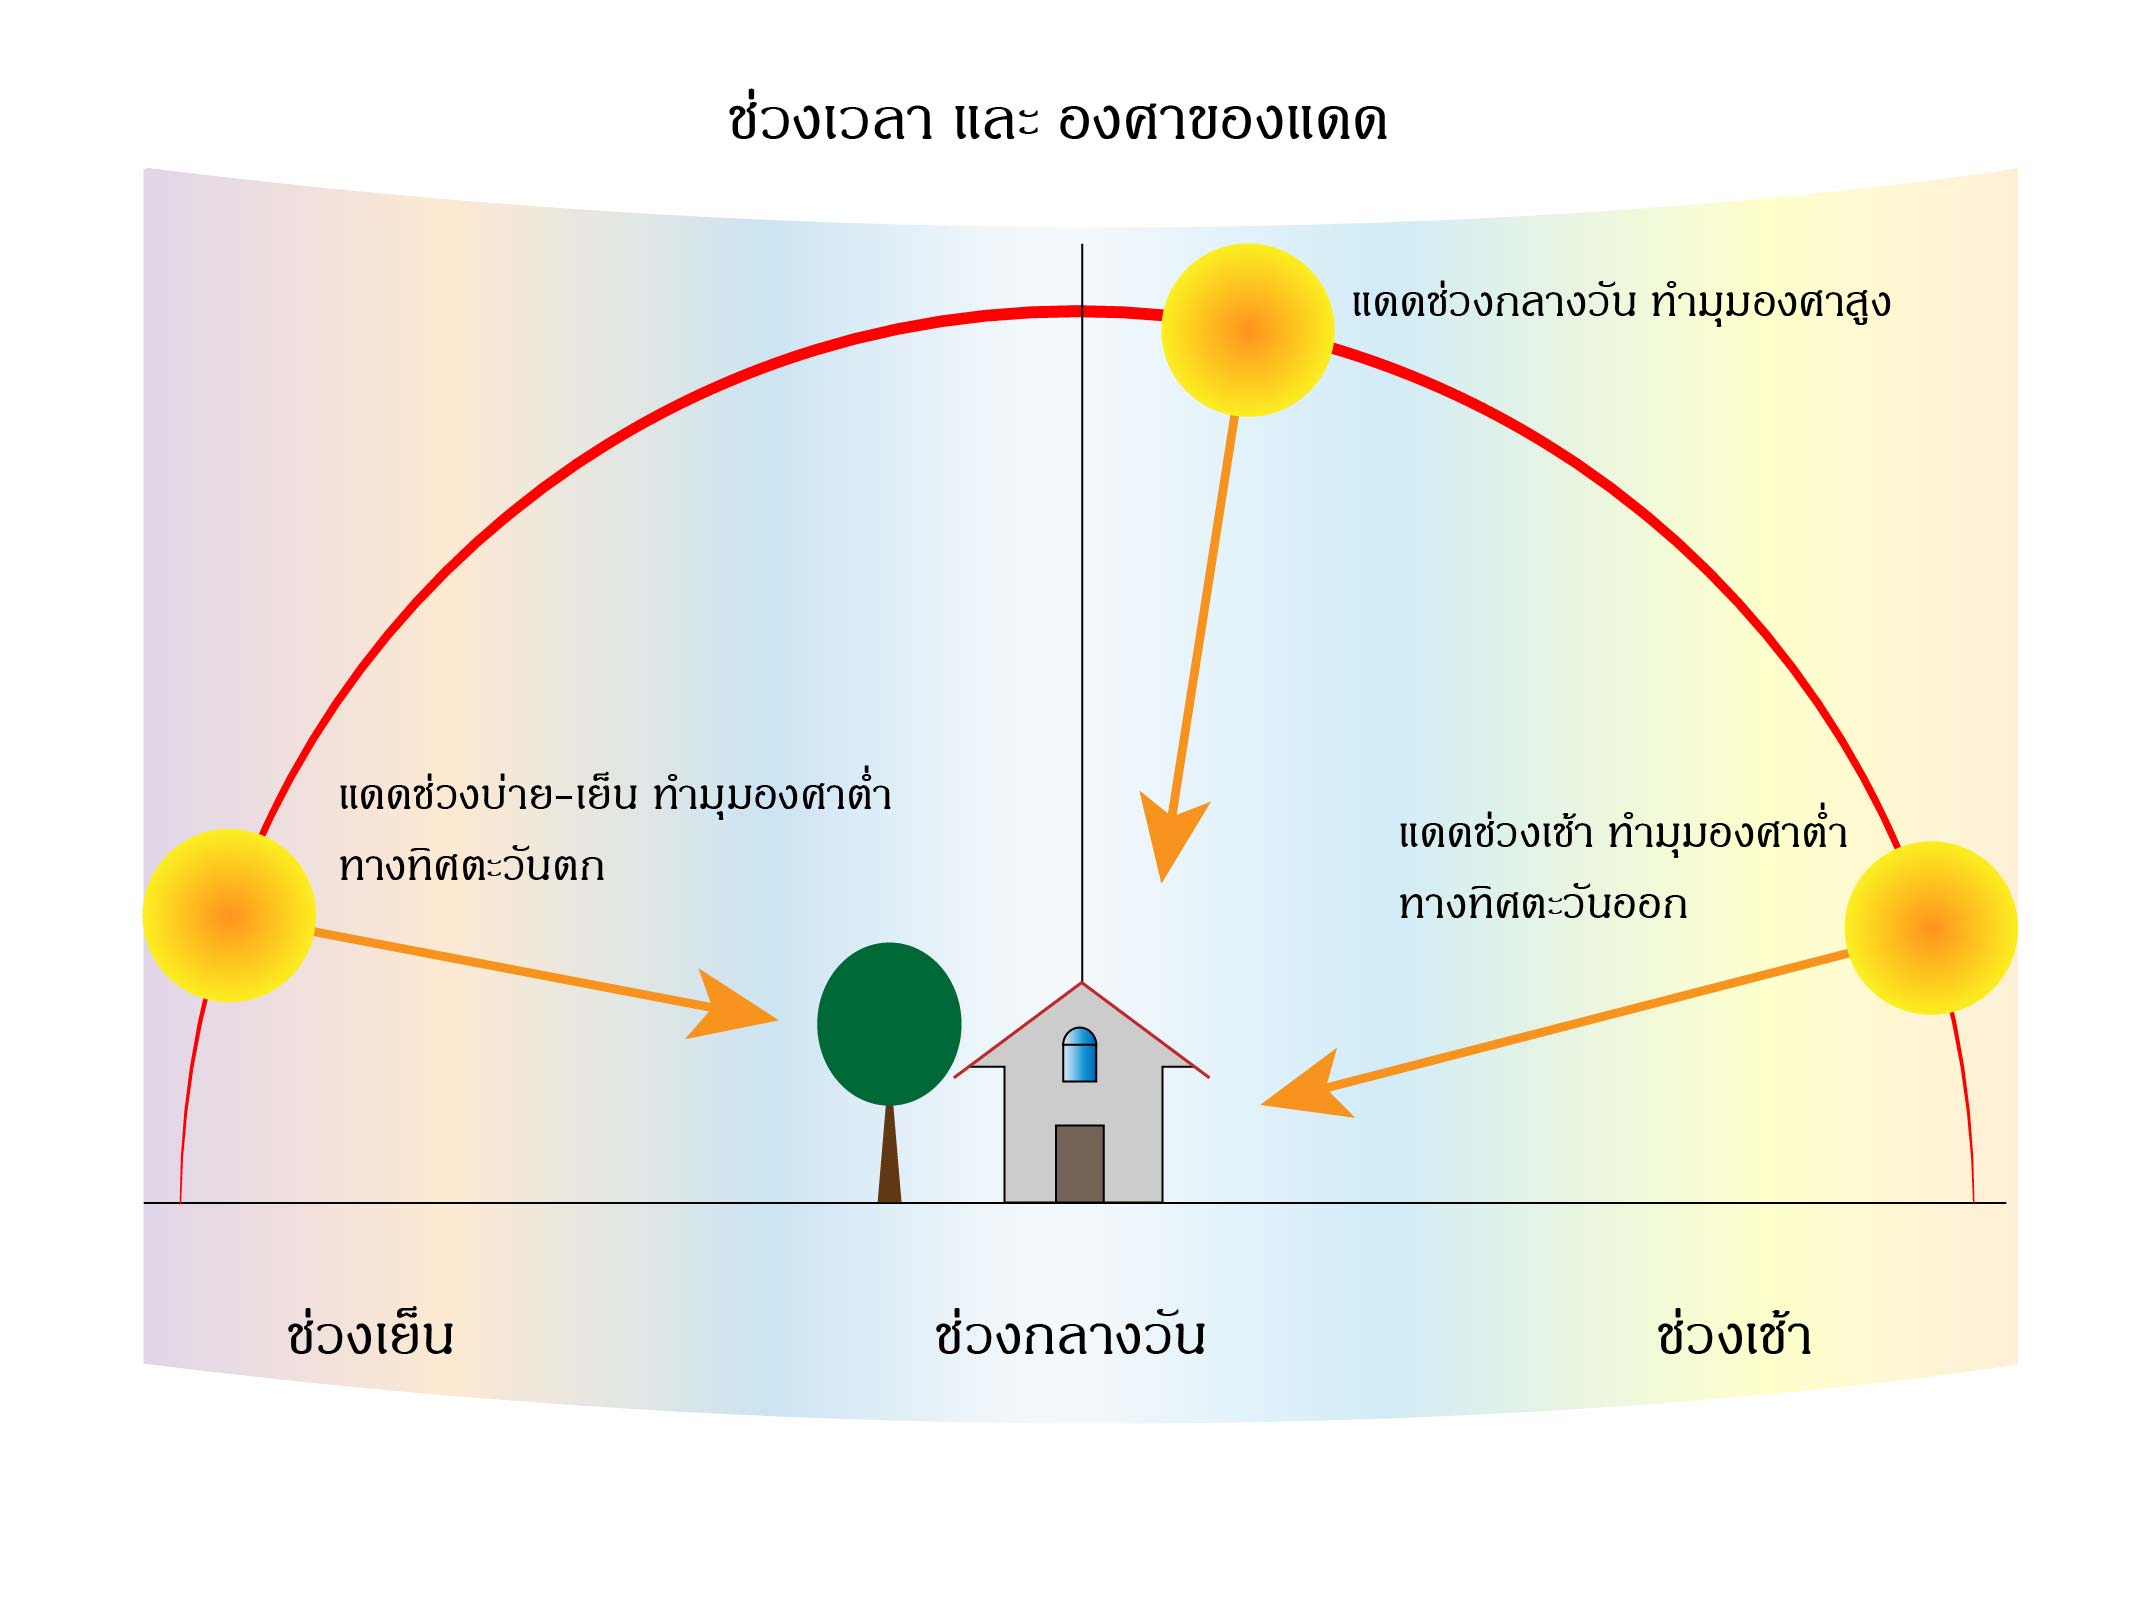 ทิศทางของแสงแดดกับการออกแบบบ้าน